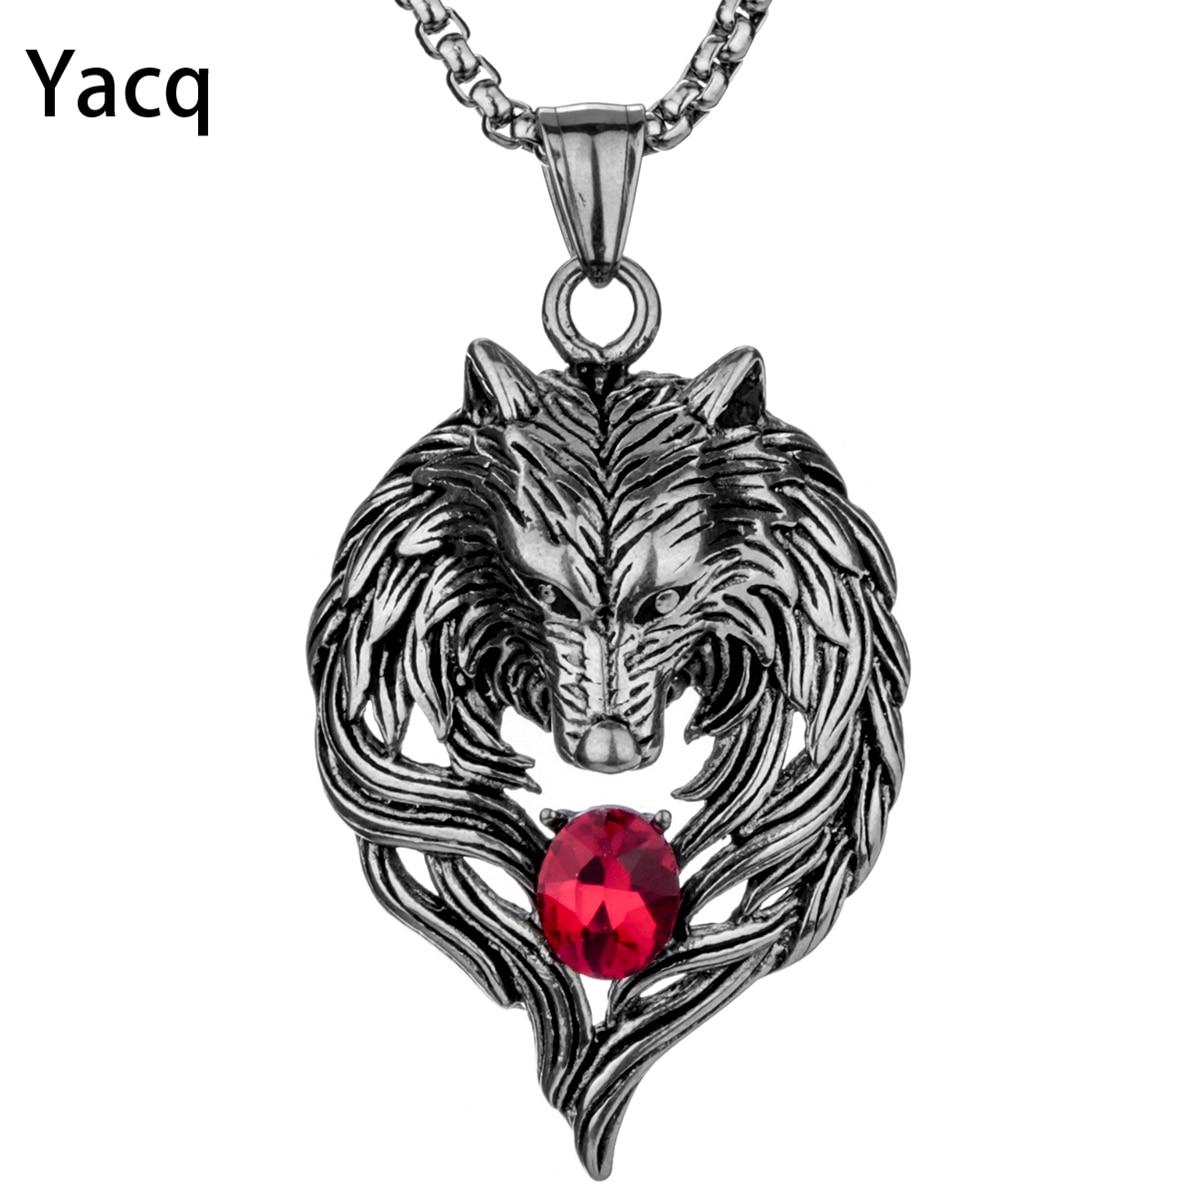 Yacq Wolf náhrdelník z nerezové oceli pro muže Ženy Přívěsek Řetězec Biker Šperky Dárkové Den otců Ho Otec Její Mami dropshipping GN41